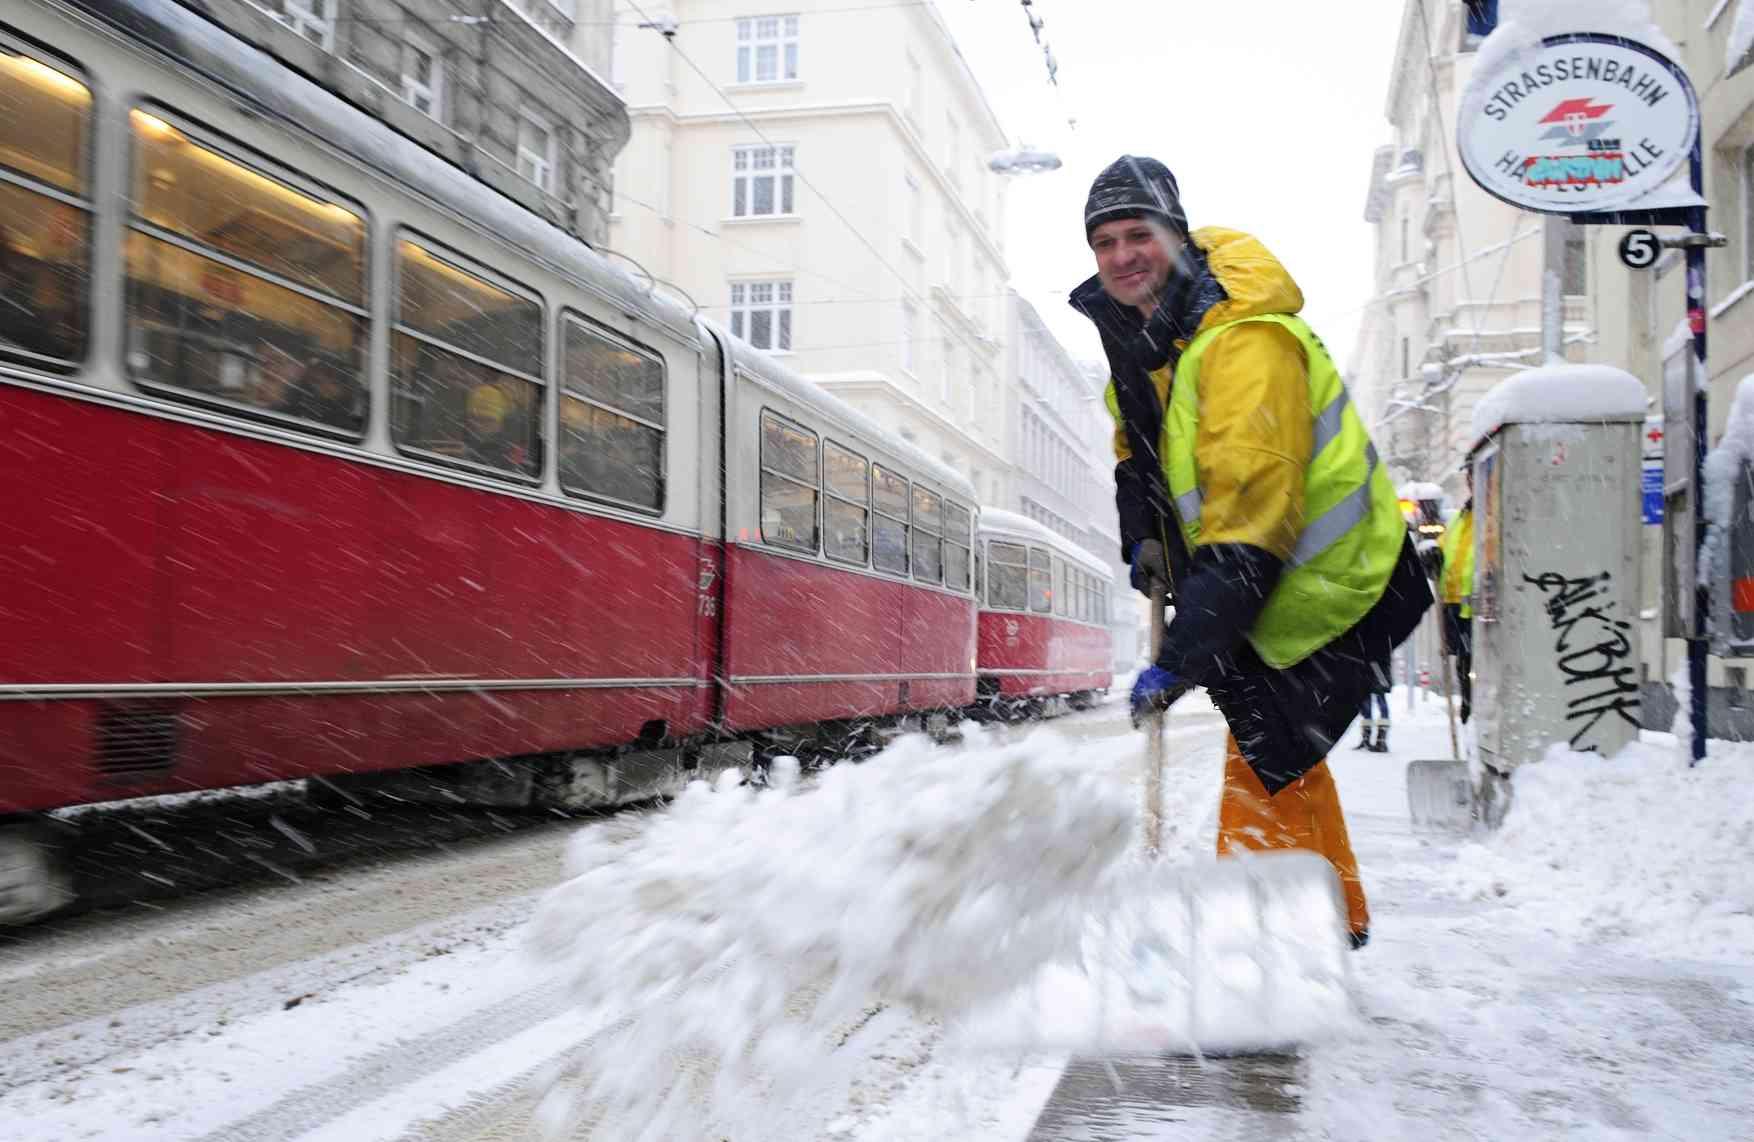 Die Schneeräumung wird von eigenem Personal oder Privatfirmen erledigt.